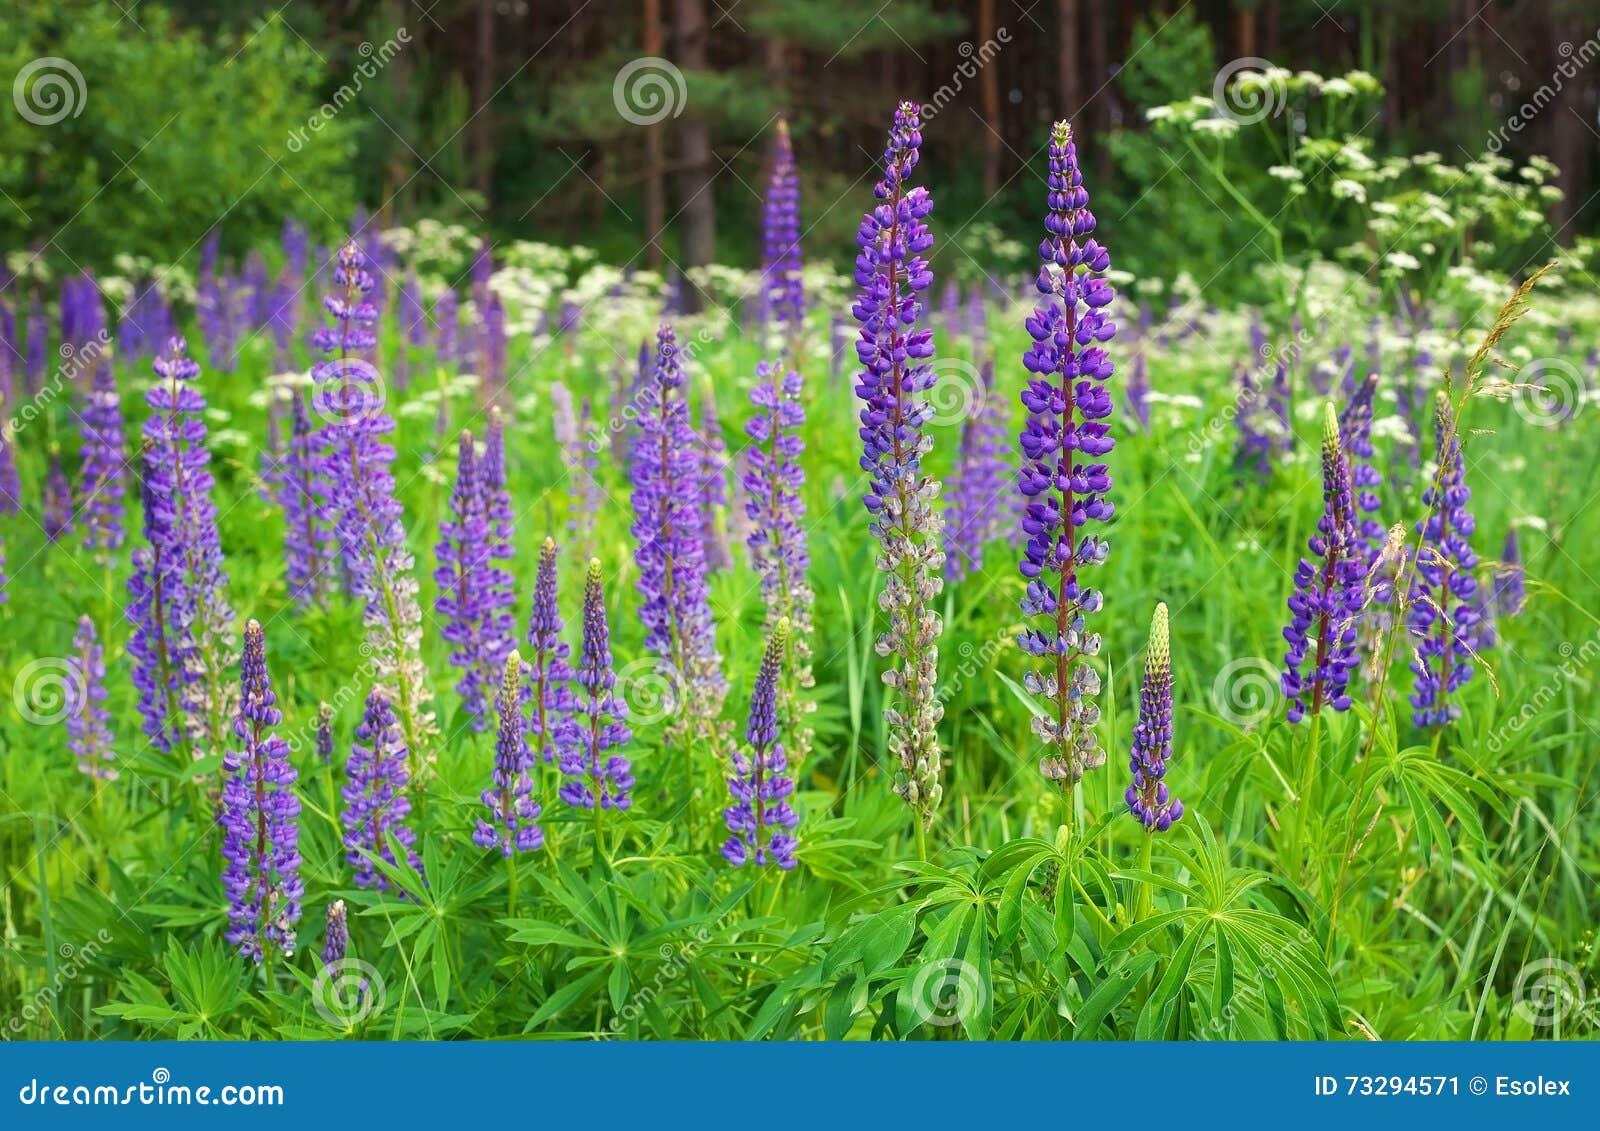 Трава похожая на иван-чай с фиолетовыми цветами